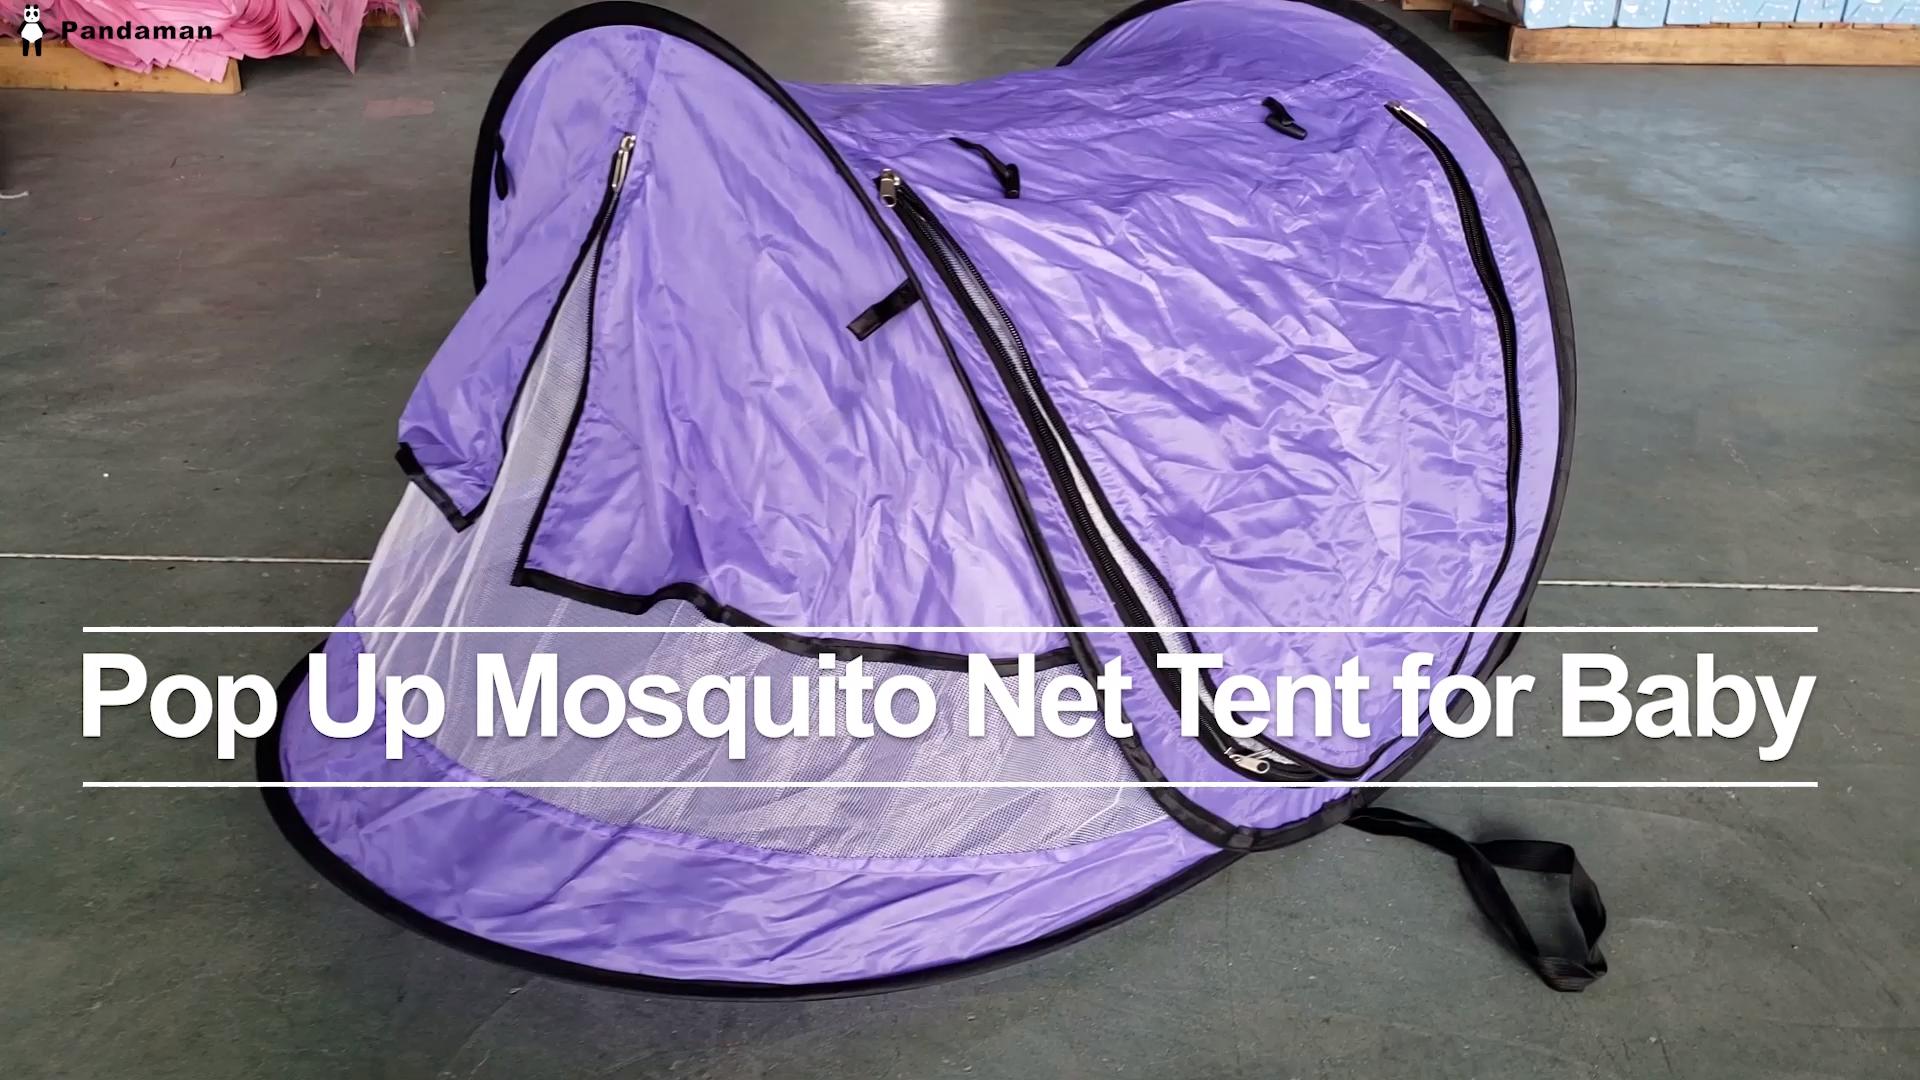 경량 팝업 모기장 텐트 큰 공간 아기 휴대용 비치 텐트 제공 UPF 50 + 태양 보호소